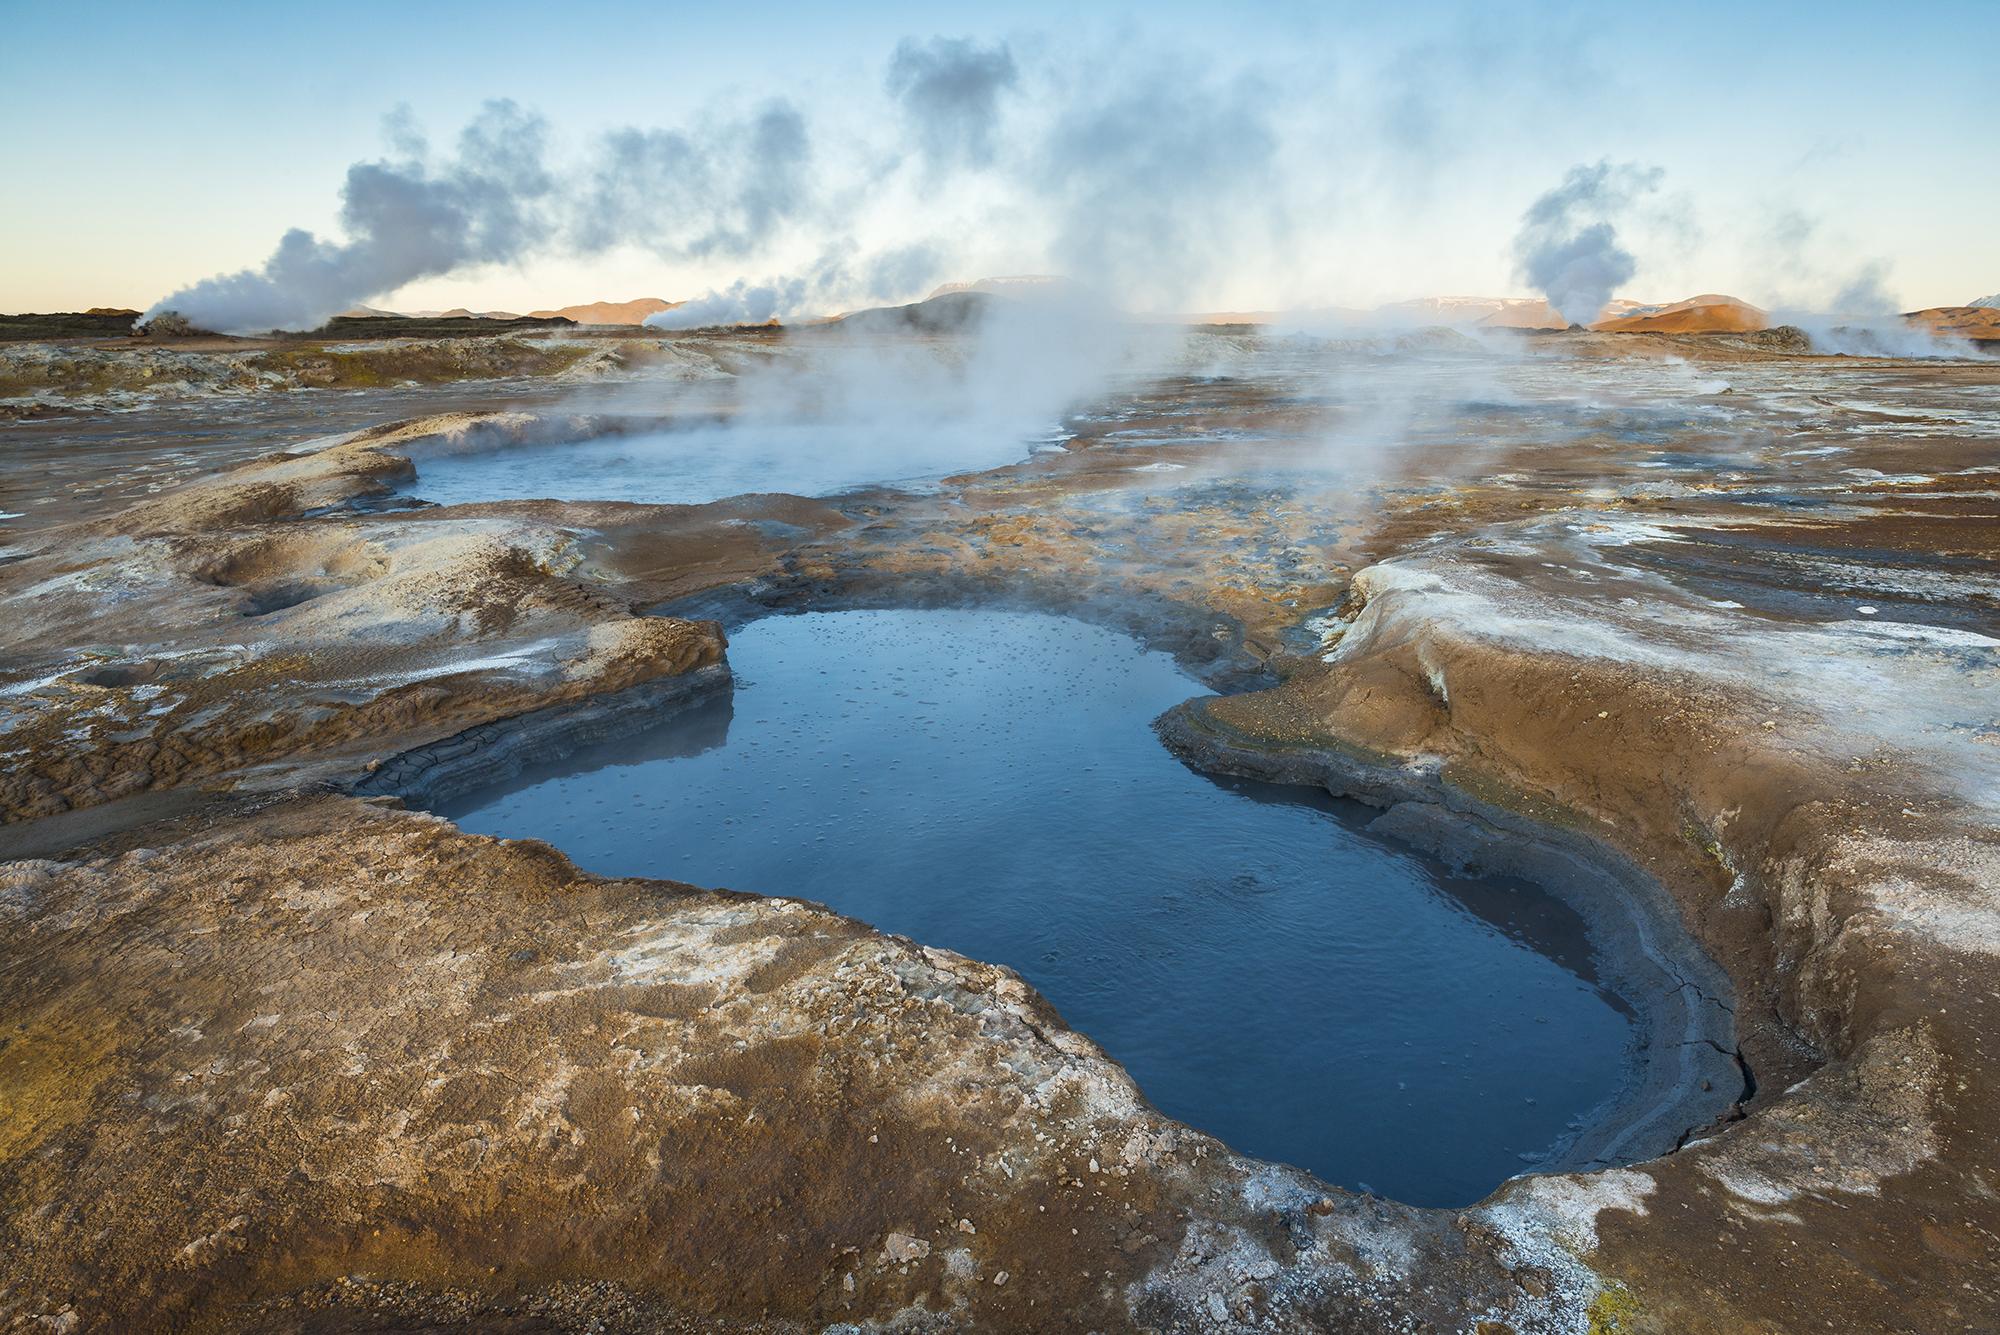 Namafjall-Hverarond Geothermal Area